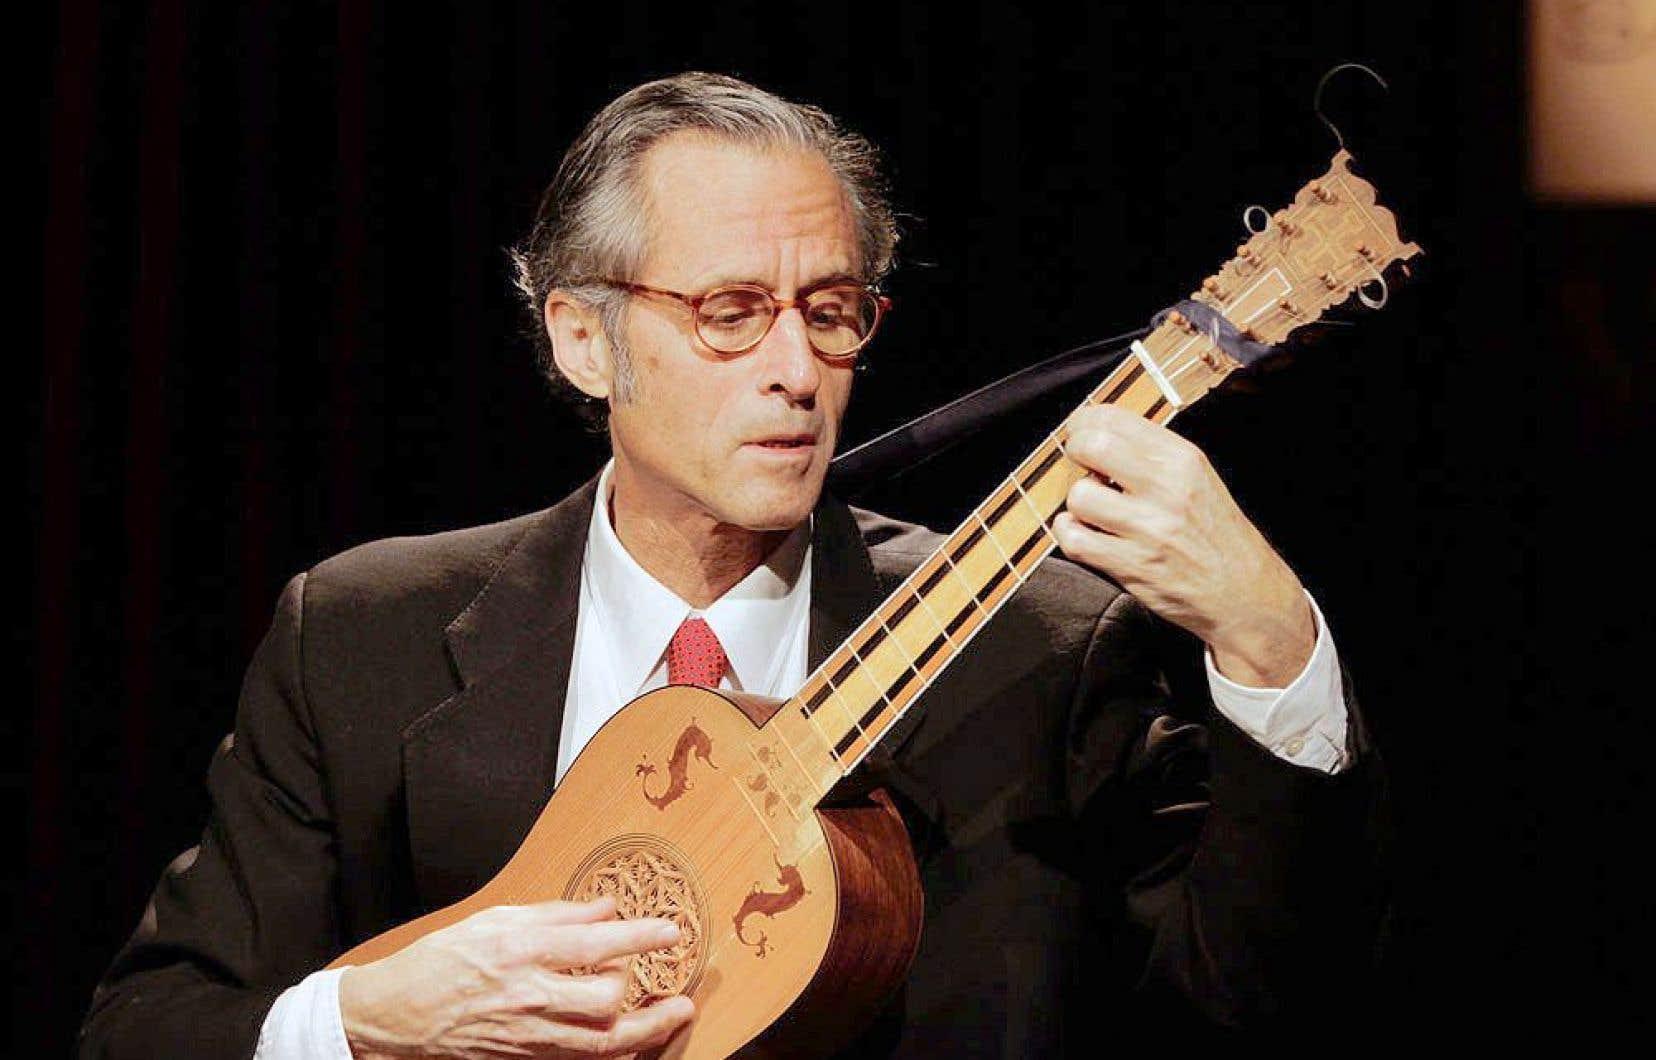 Entre1980 et2012, Hopkinson Smith, le Jordi Savall du luth et du théorbe, a transcrit et enregistré pour ses instruments les sonates et partitas pour violon et les suites pour violoncelle de Bach.